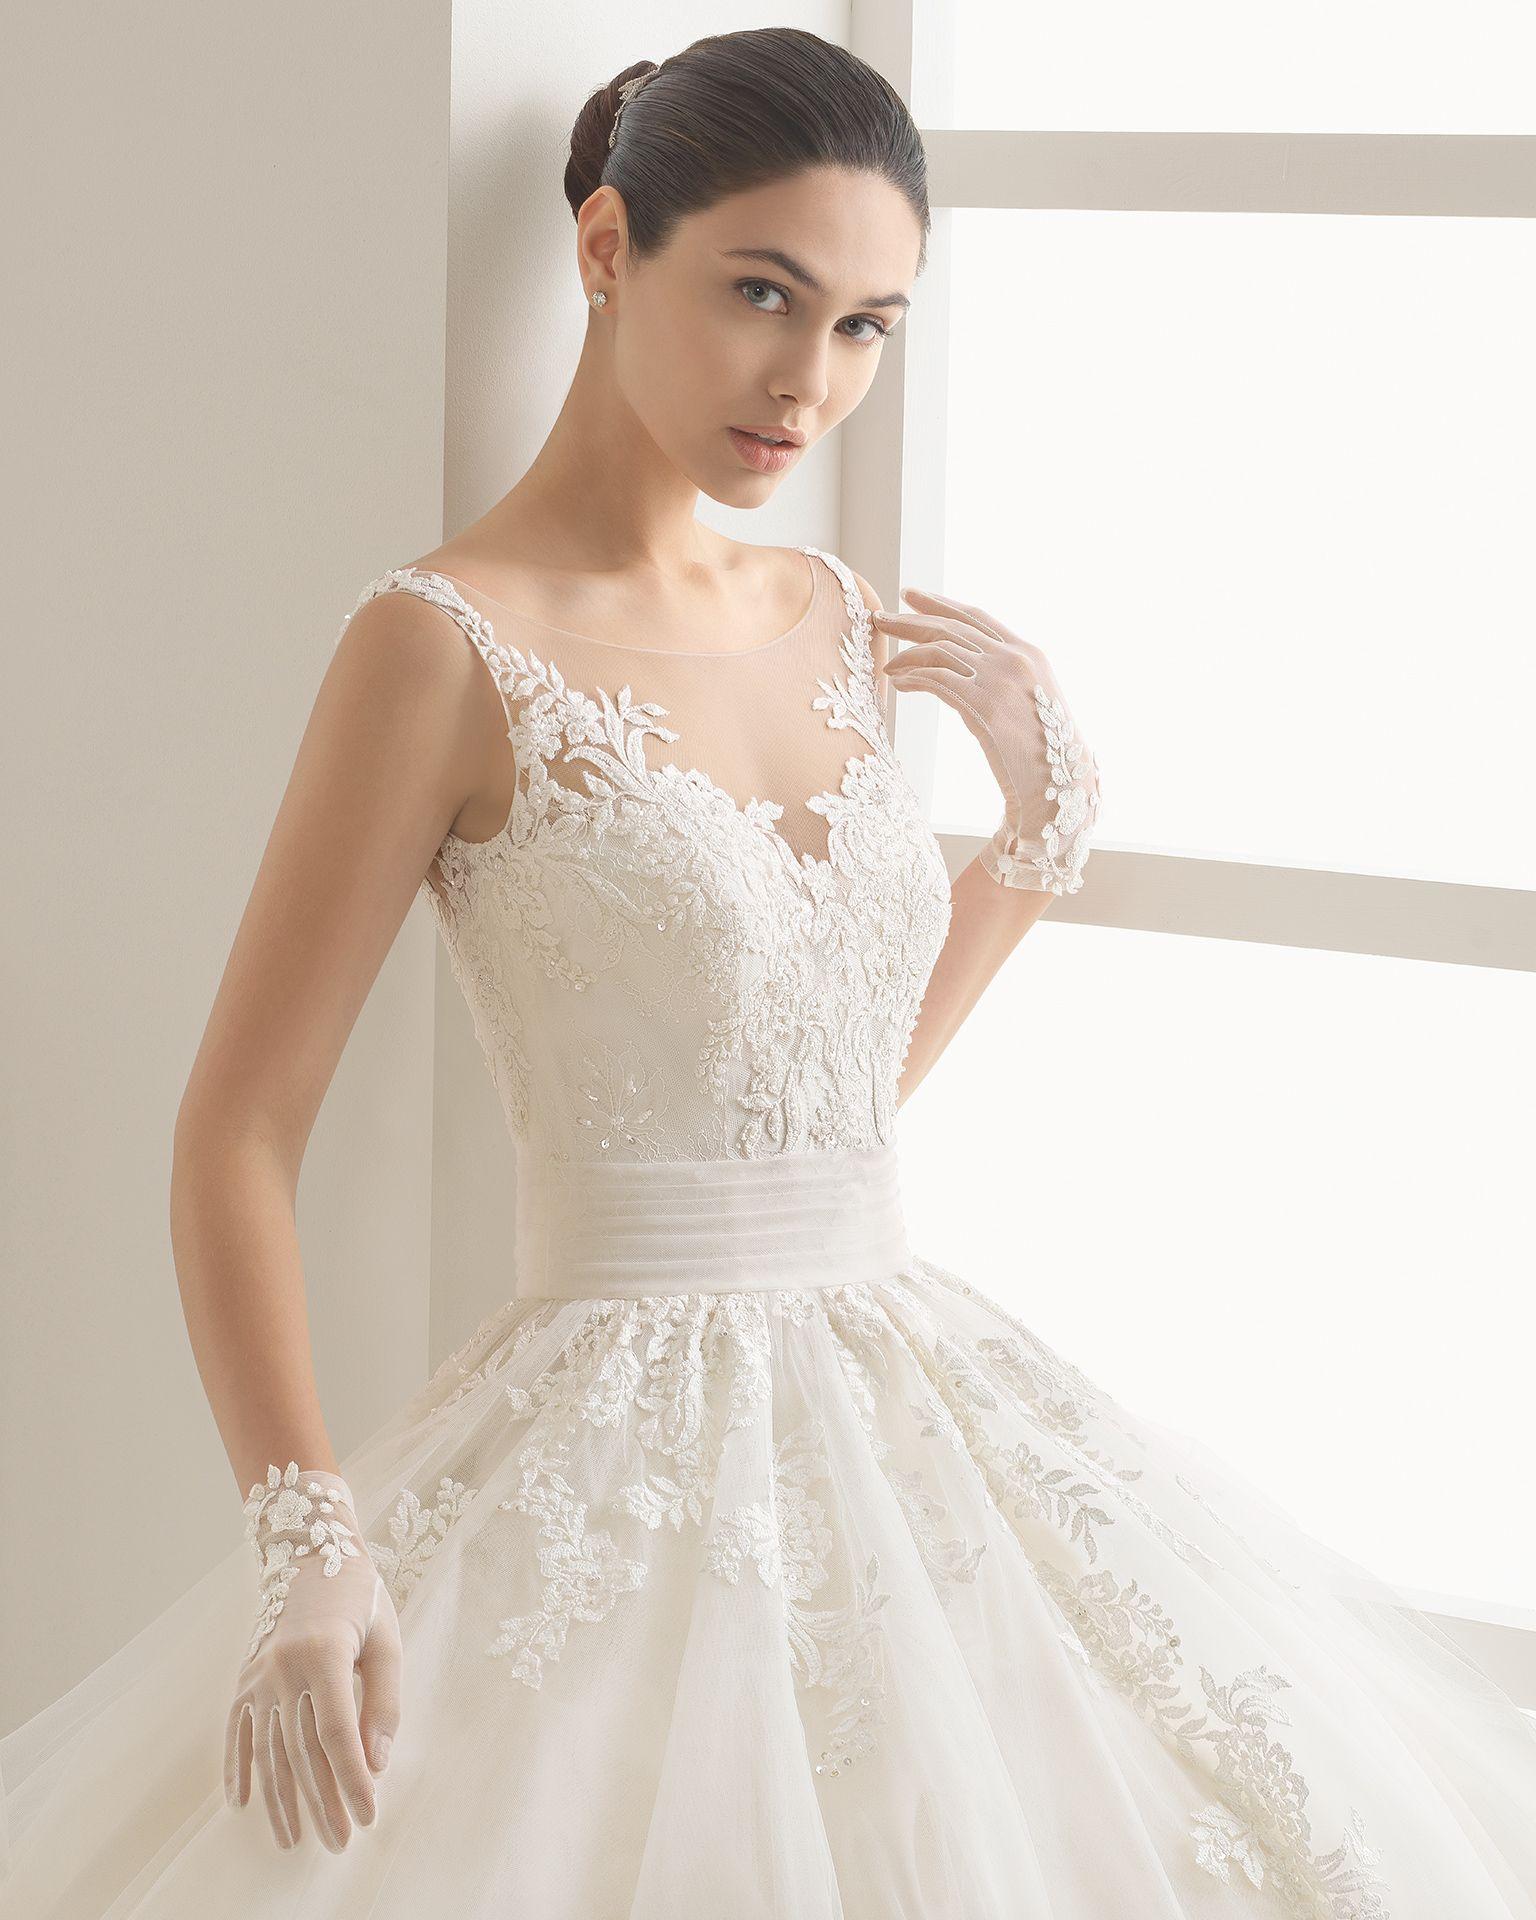 OCULTO - Hochzeit 2017. Kollektion Rosa Clará Two | Hochzeitskleider ...